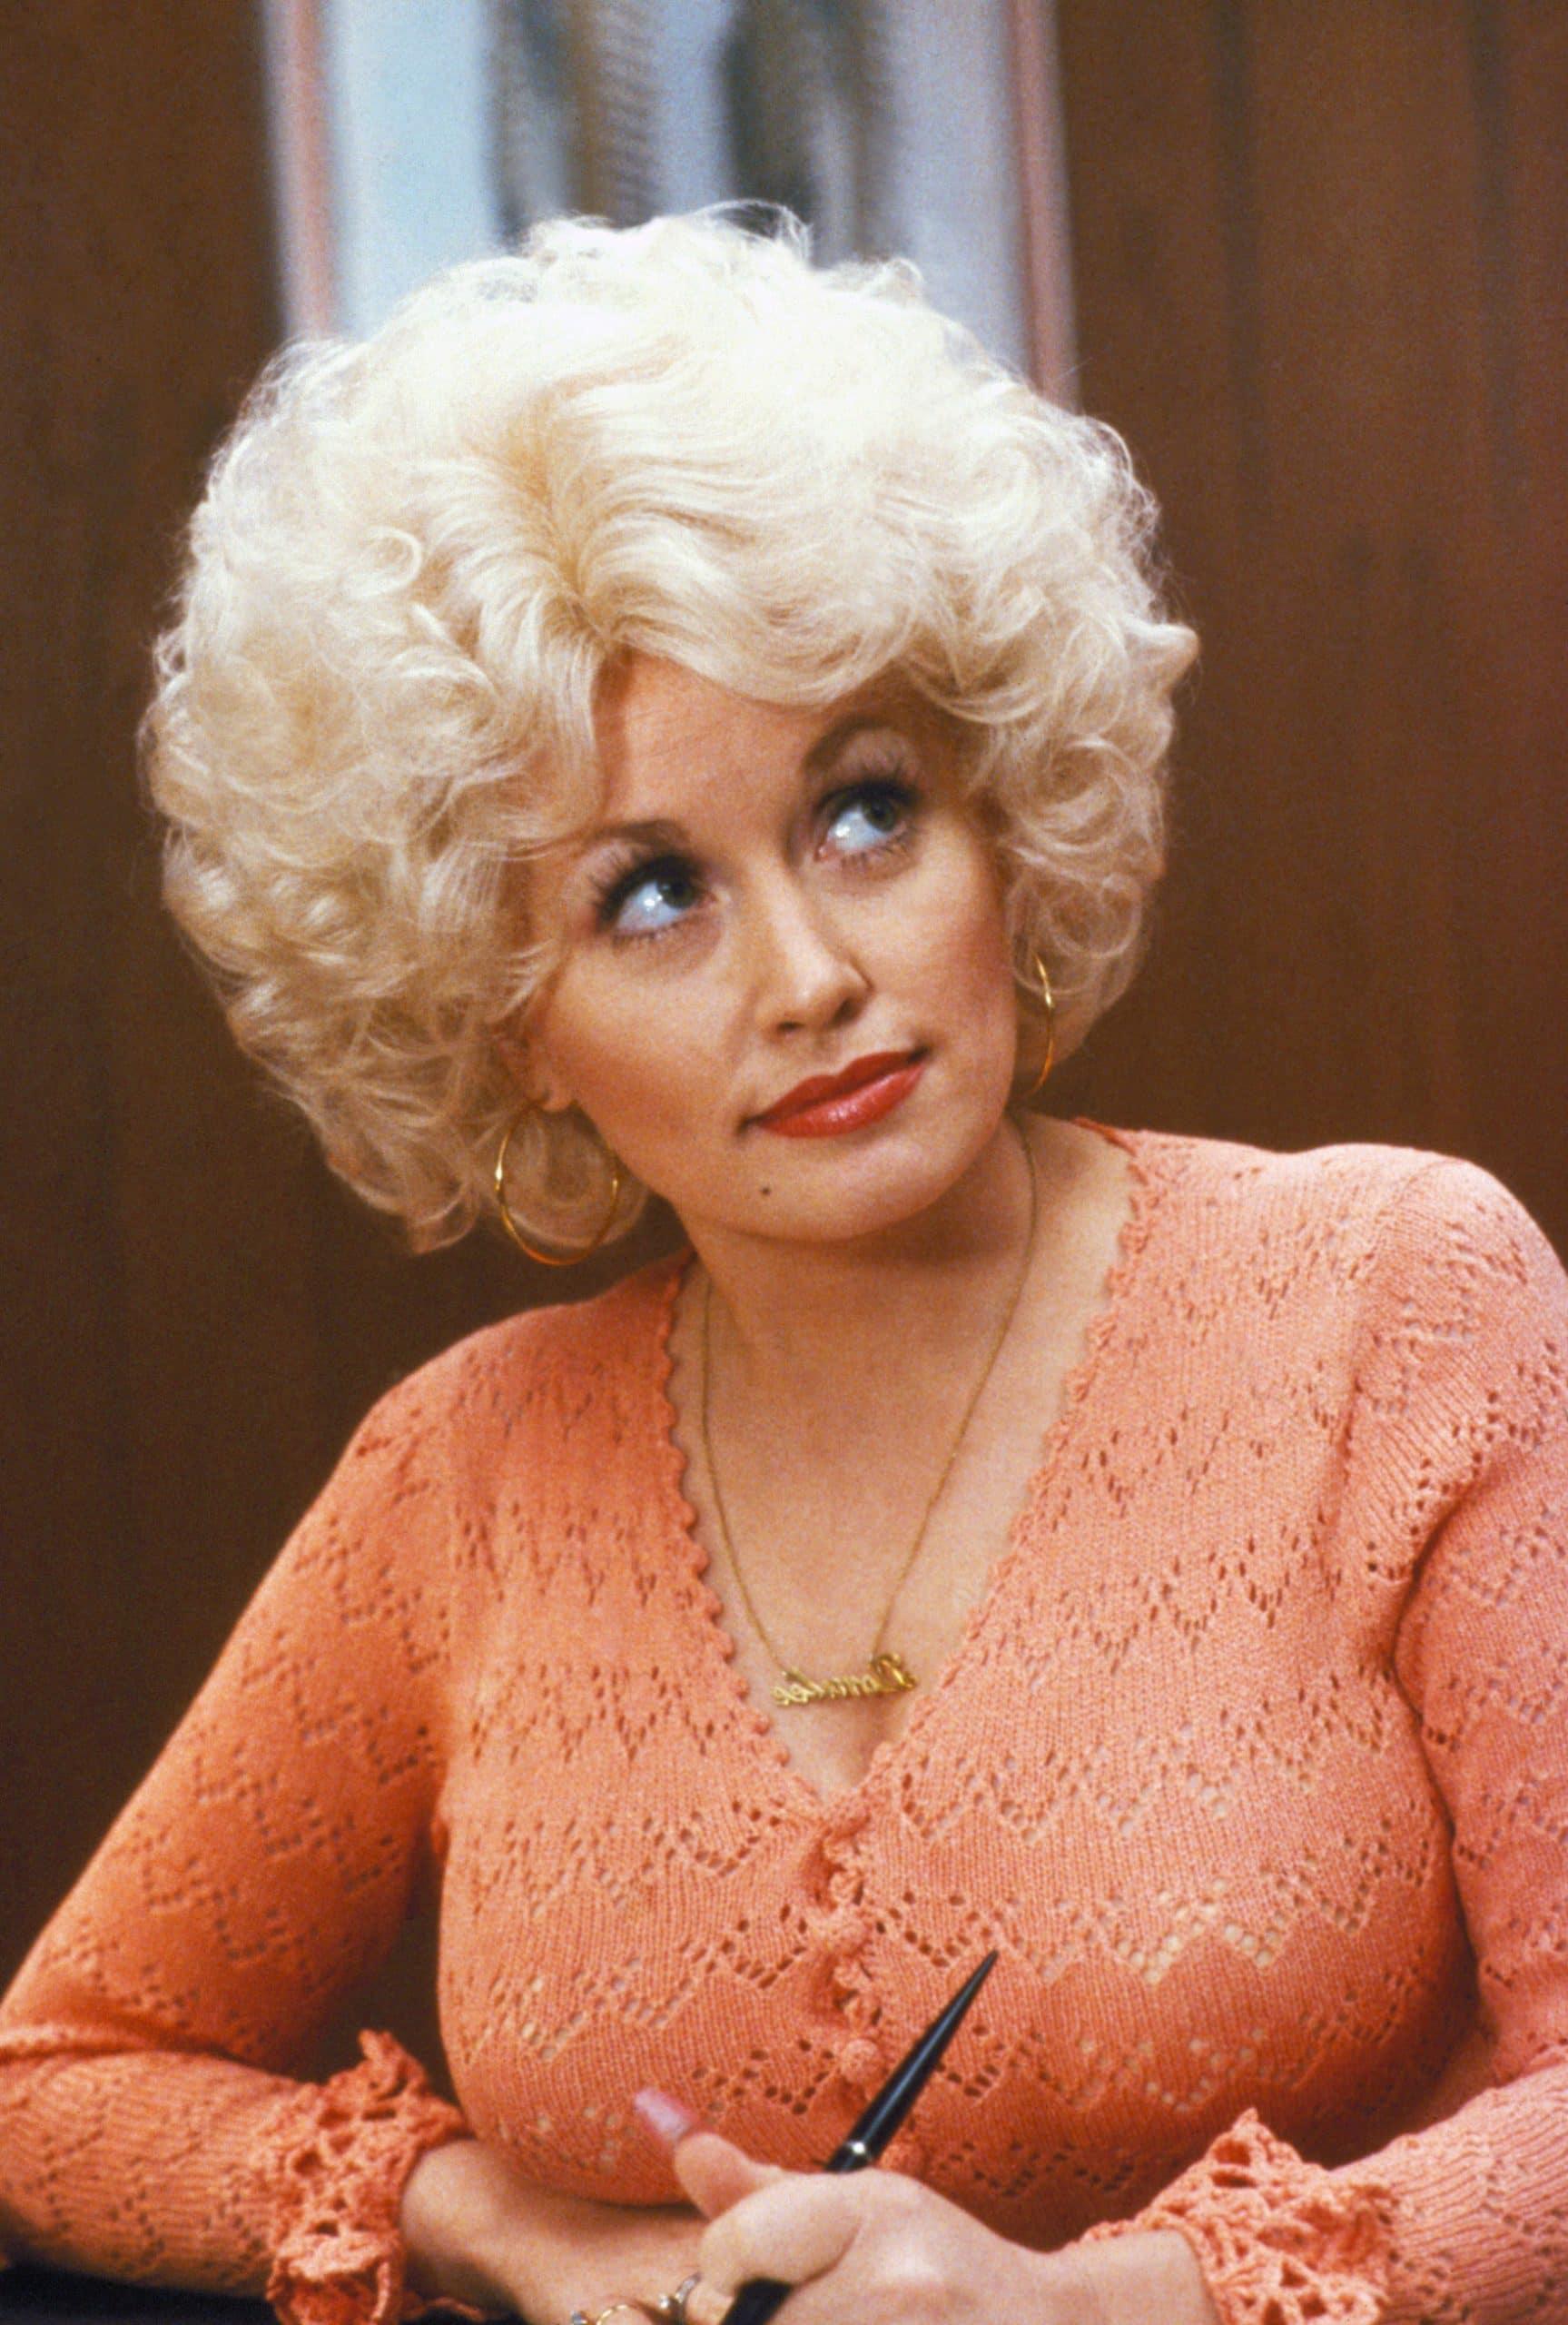 NINE TO FIVE, (aka 9 TO 5), Dolly Parton, 1980